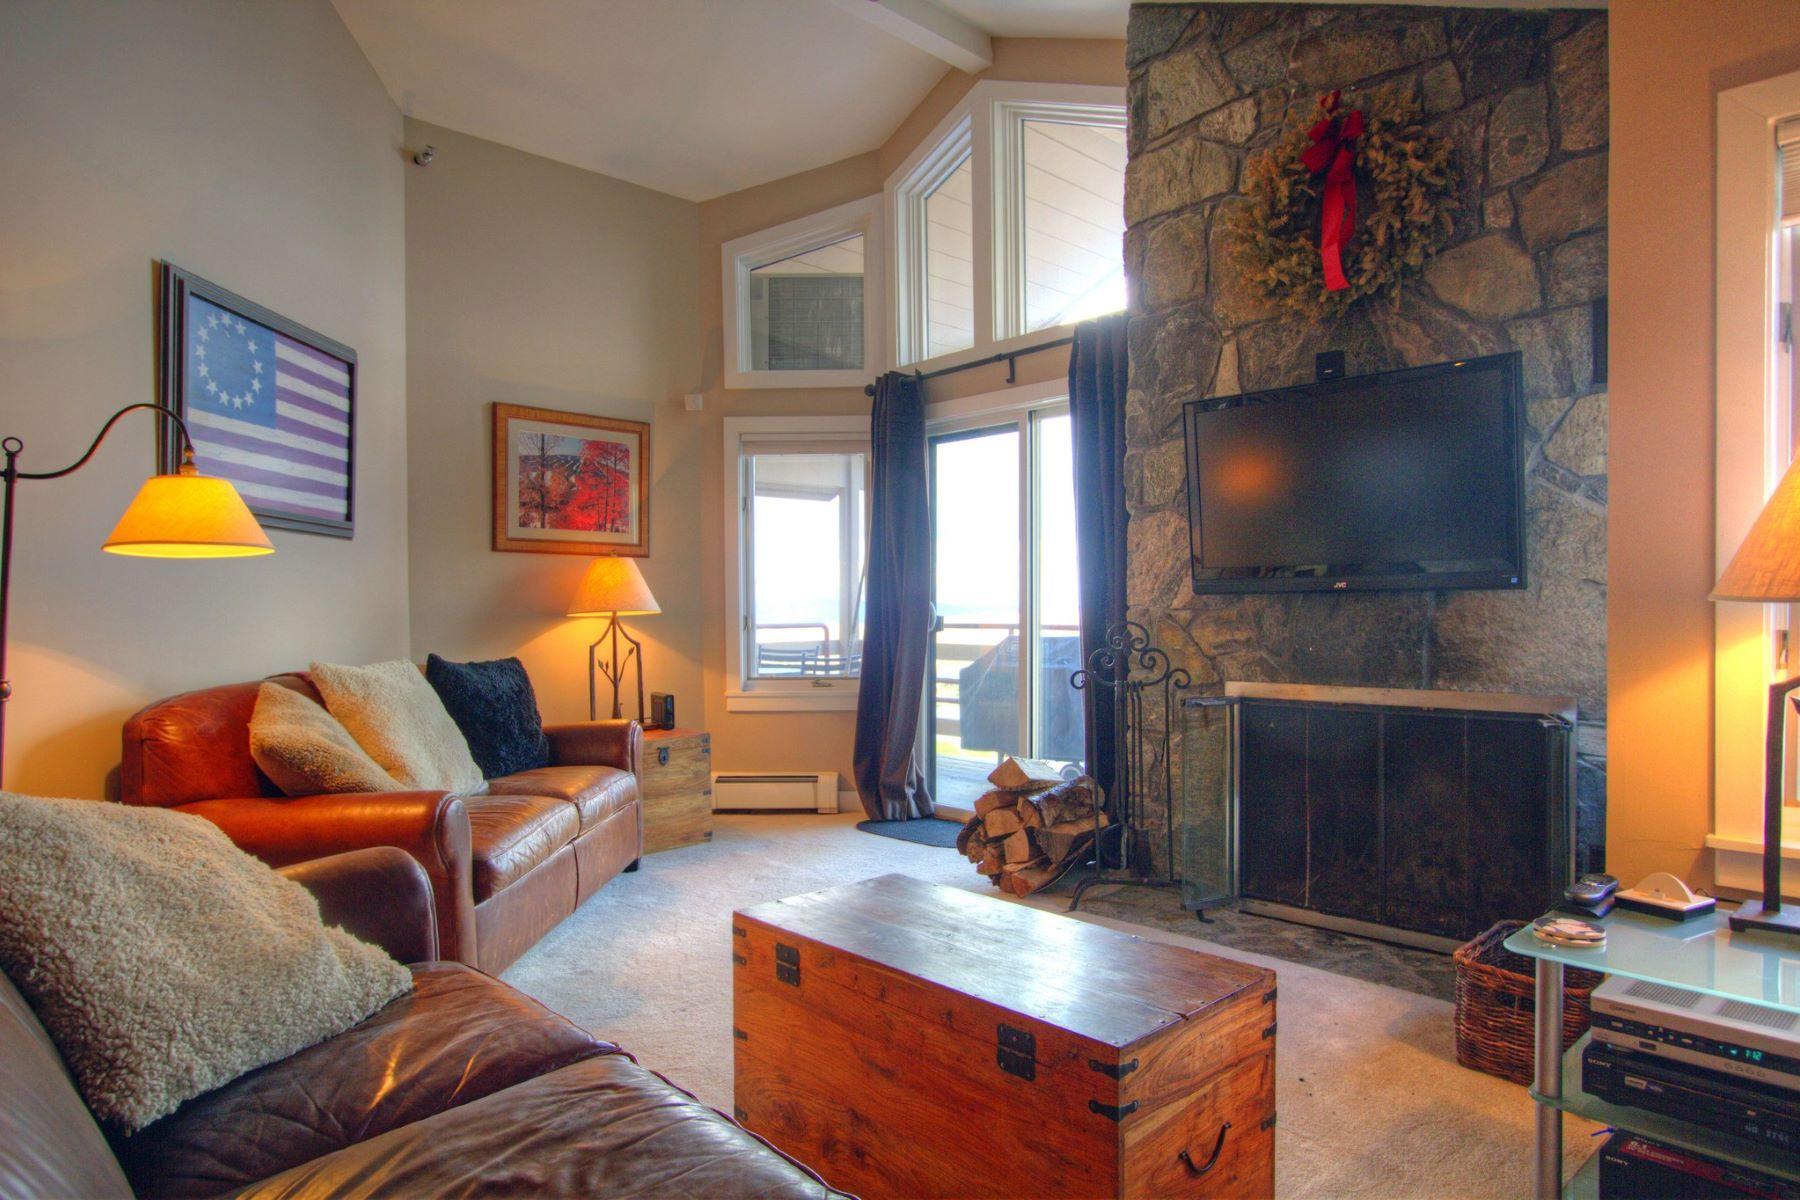 共管式独立产权公寓 为 销售 在 Stratton Resort Ski In/Ski Out 778 Stratton Mountain Access 2303 斯特拉顿, 佛蒙特州, 05155 美国